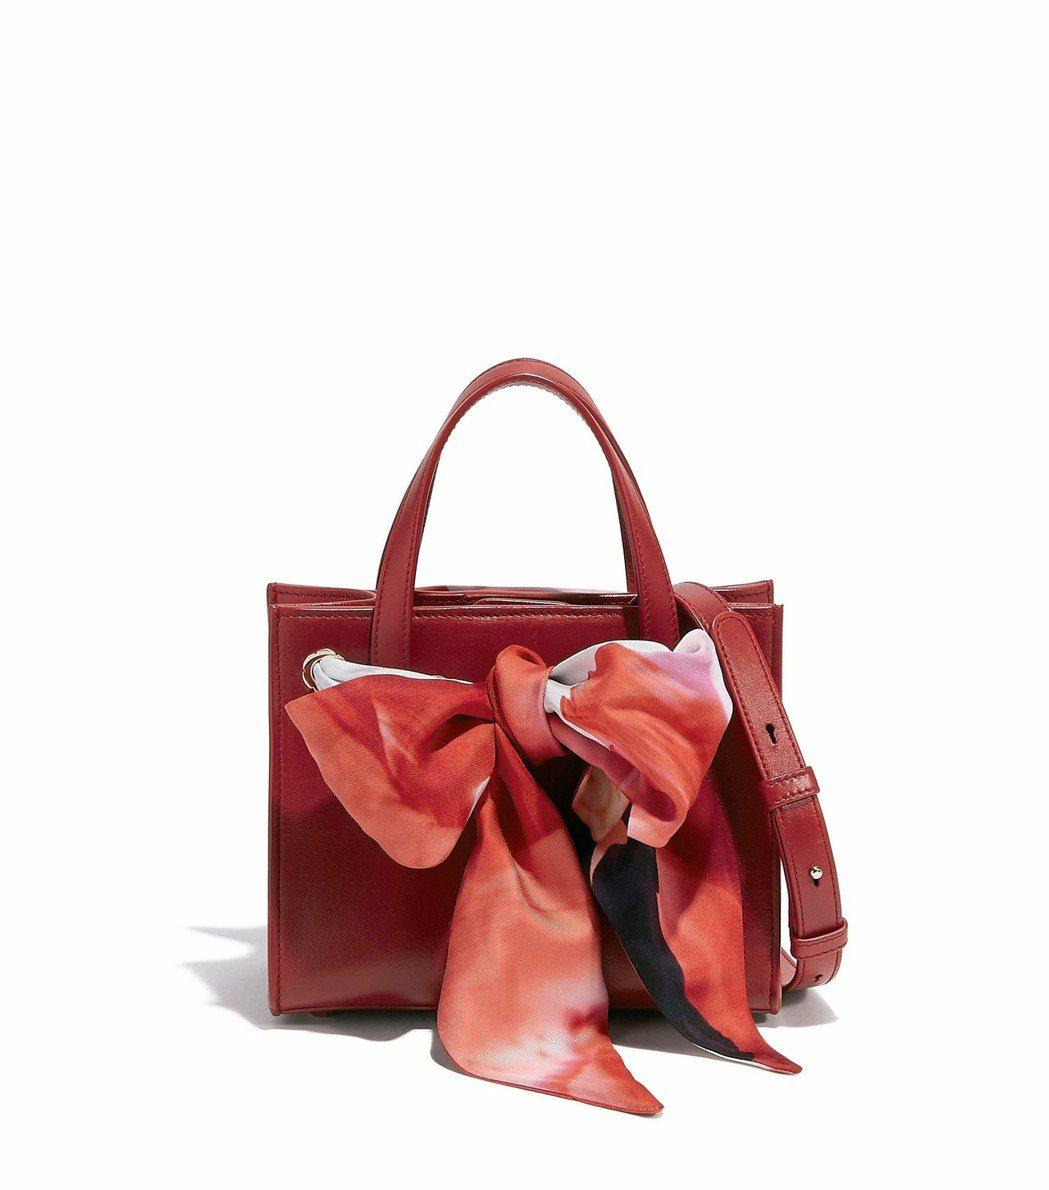 FOULARD紅色小牛皮肩背包,49,900元。圖/Ferragamo提供